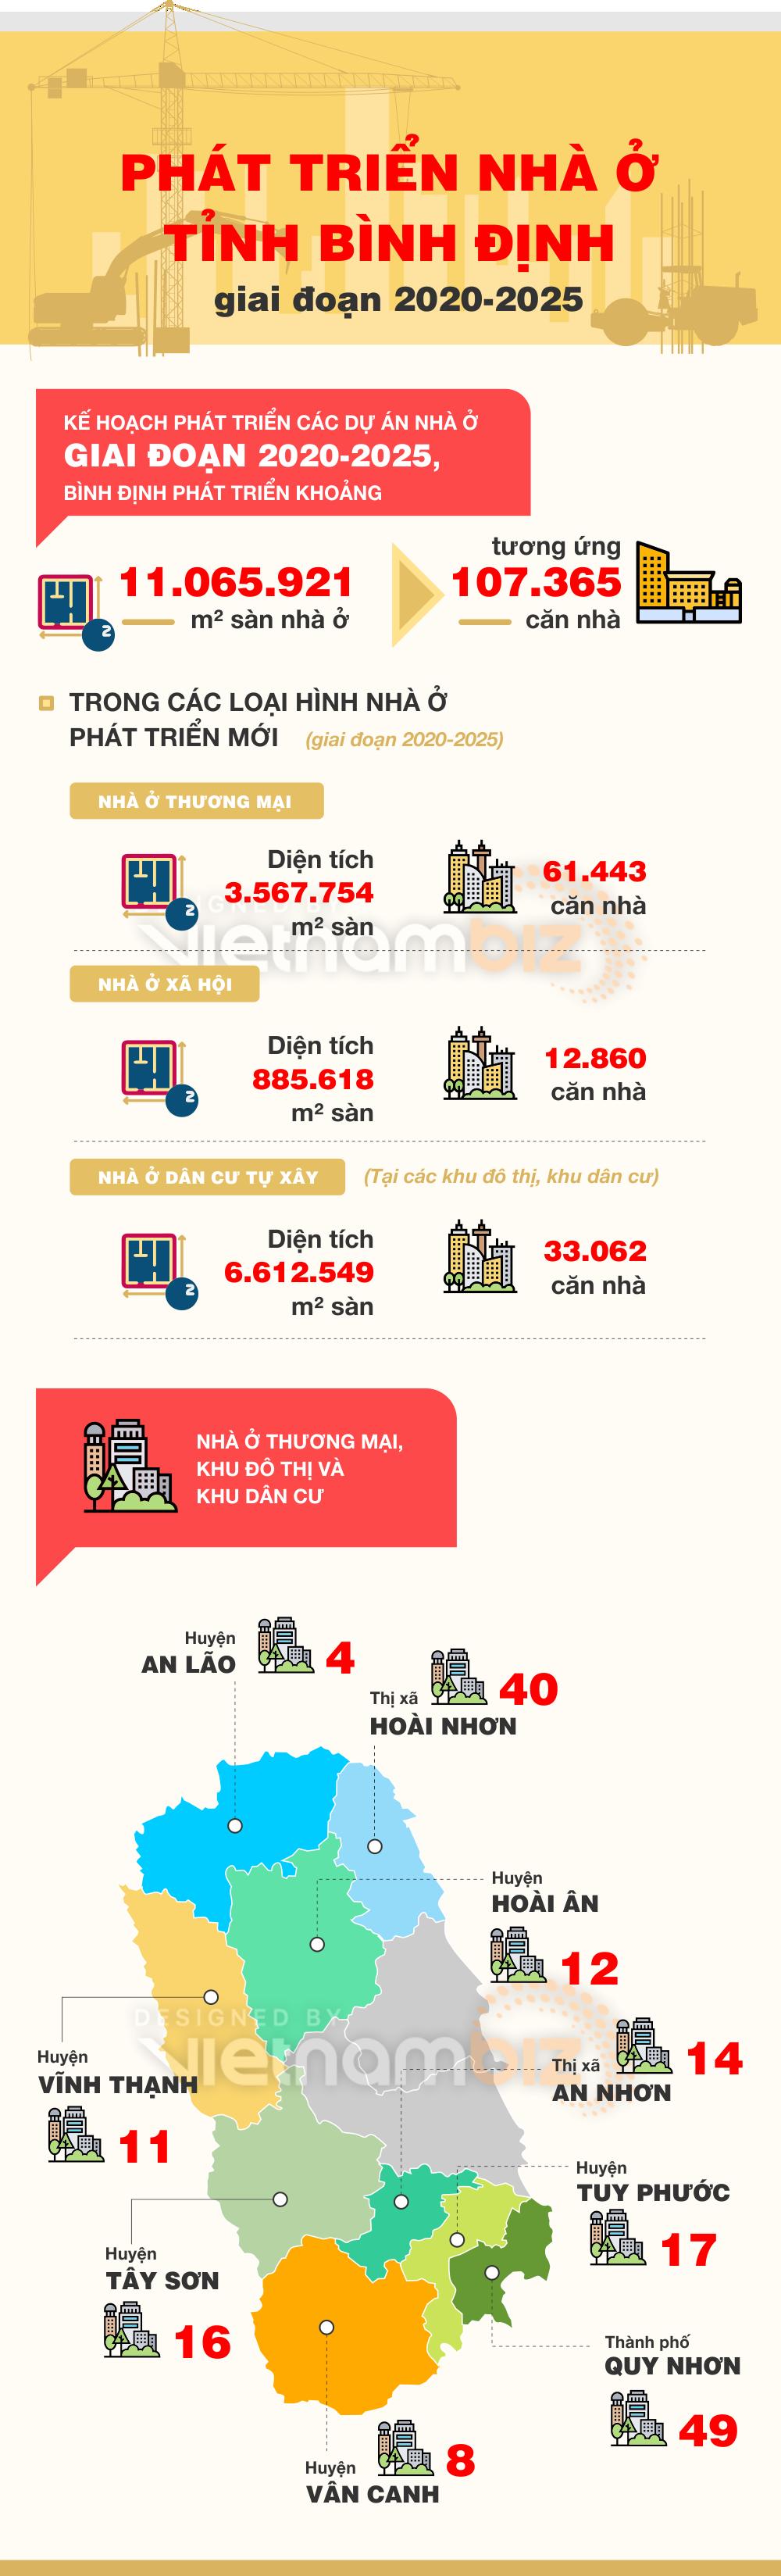 Phát triển nhà ở Bình Định giai đoạn 2020 - 2025 - Ảnh 1.